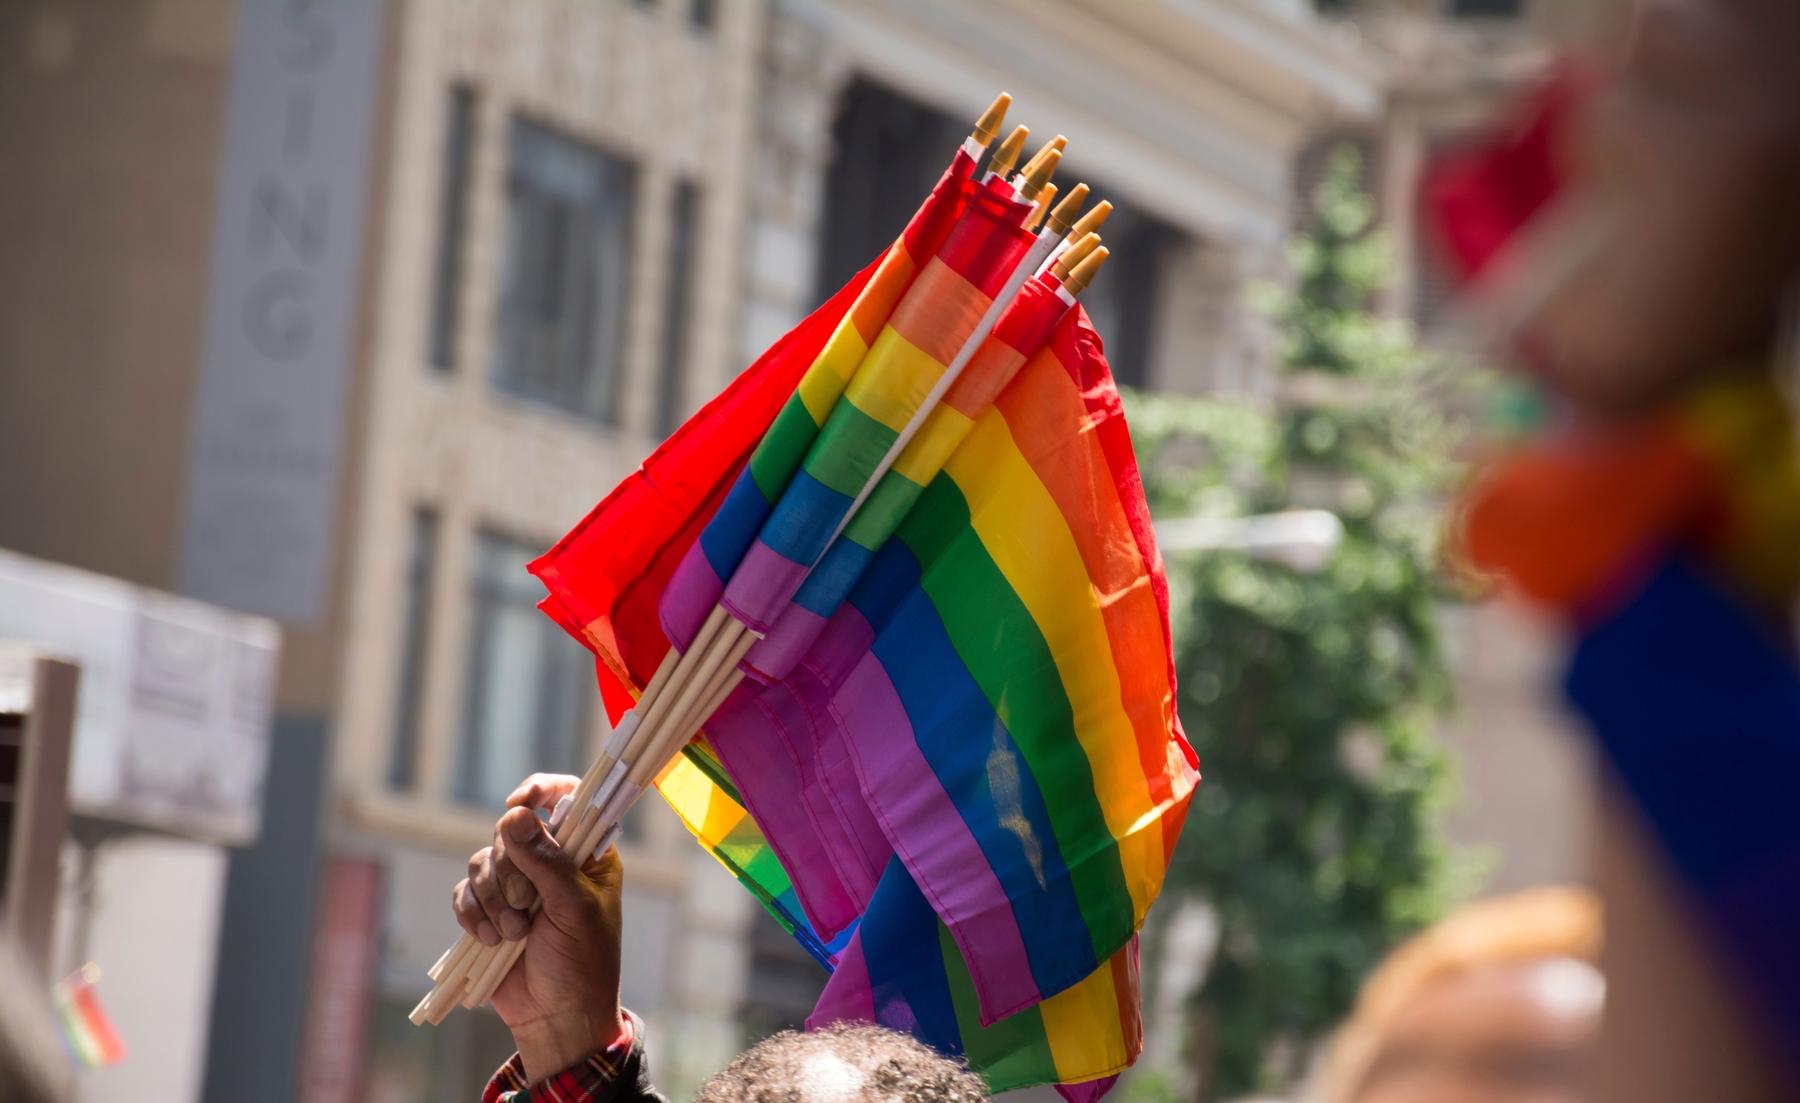 Pride flags being held.